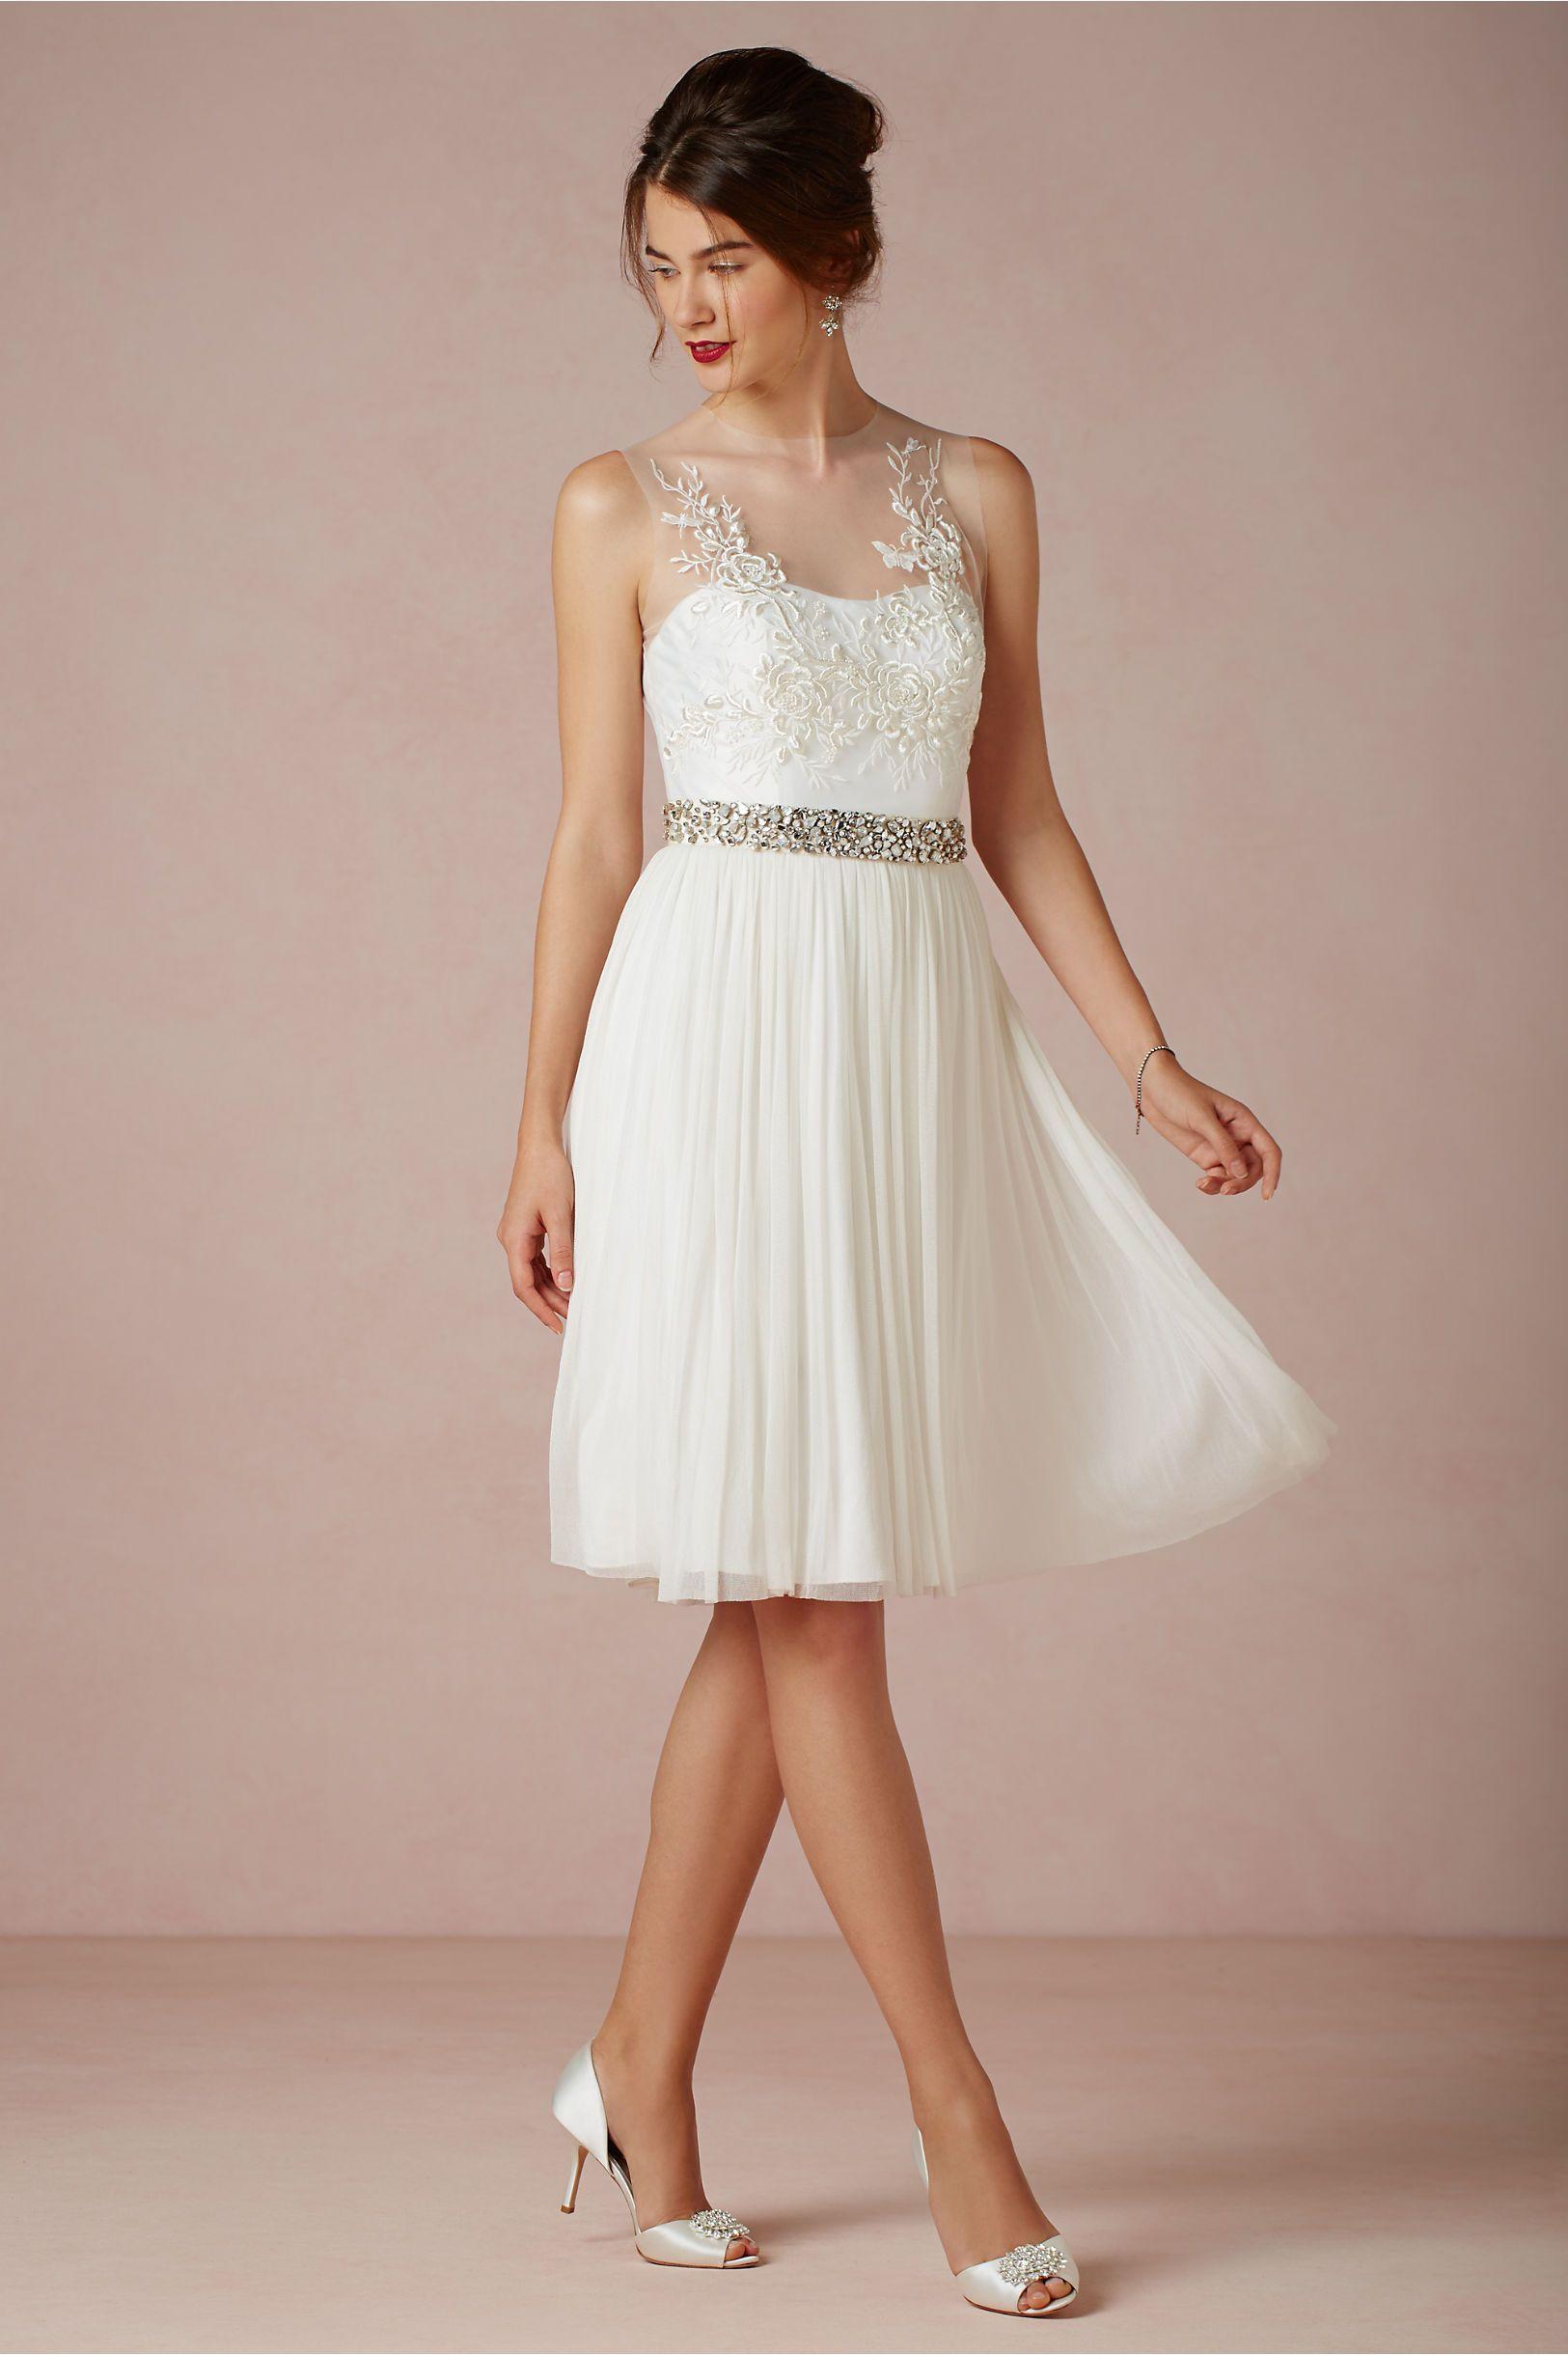 Imagen relacionada | sara | Pinterest | Vestidos de novia, De novia ...